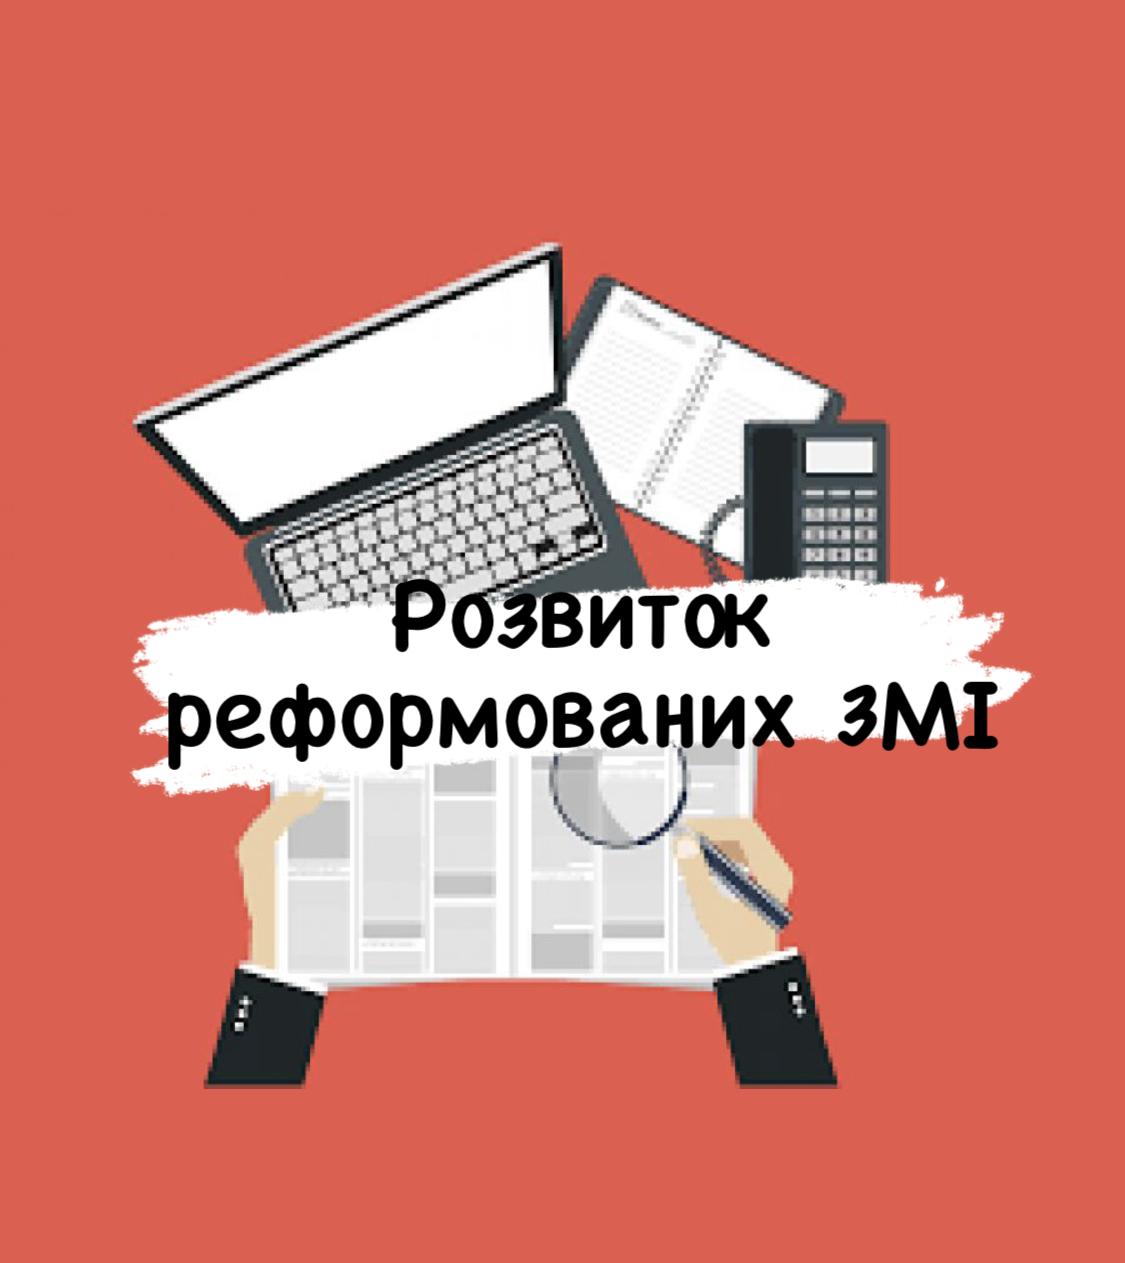 21-22 серпня у Тернополі навчатимуться редактори реформованих ЗМІ із шести регіонів України